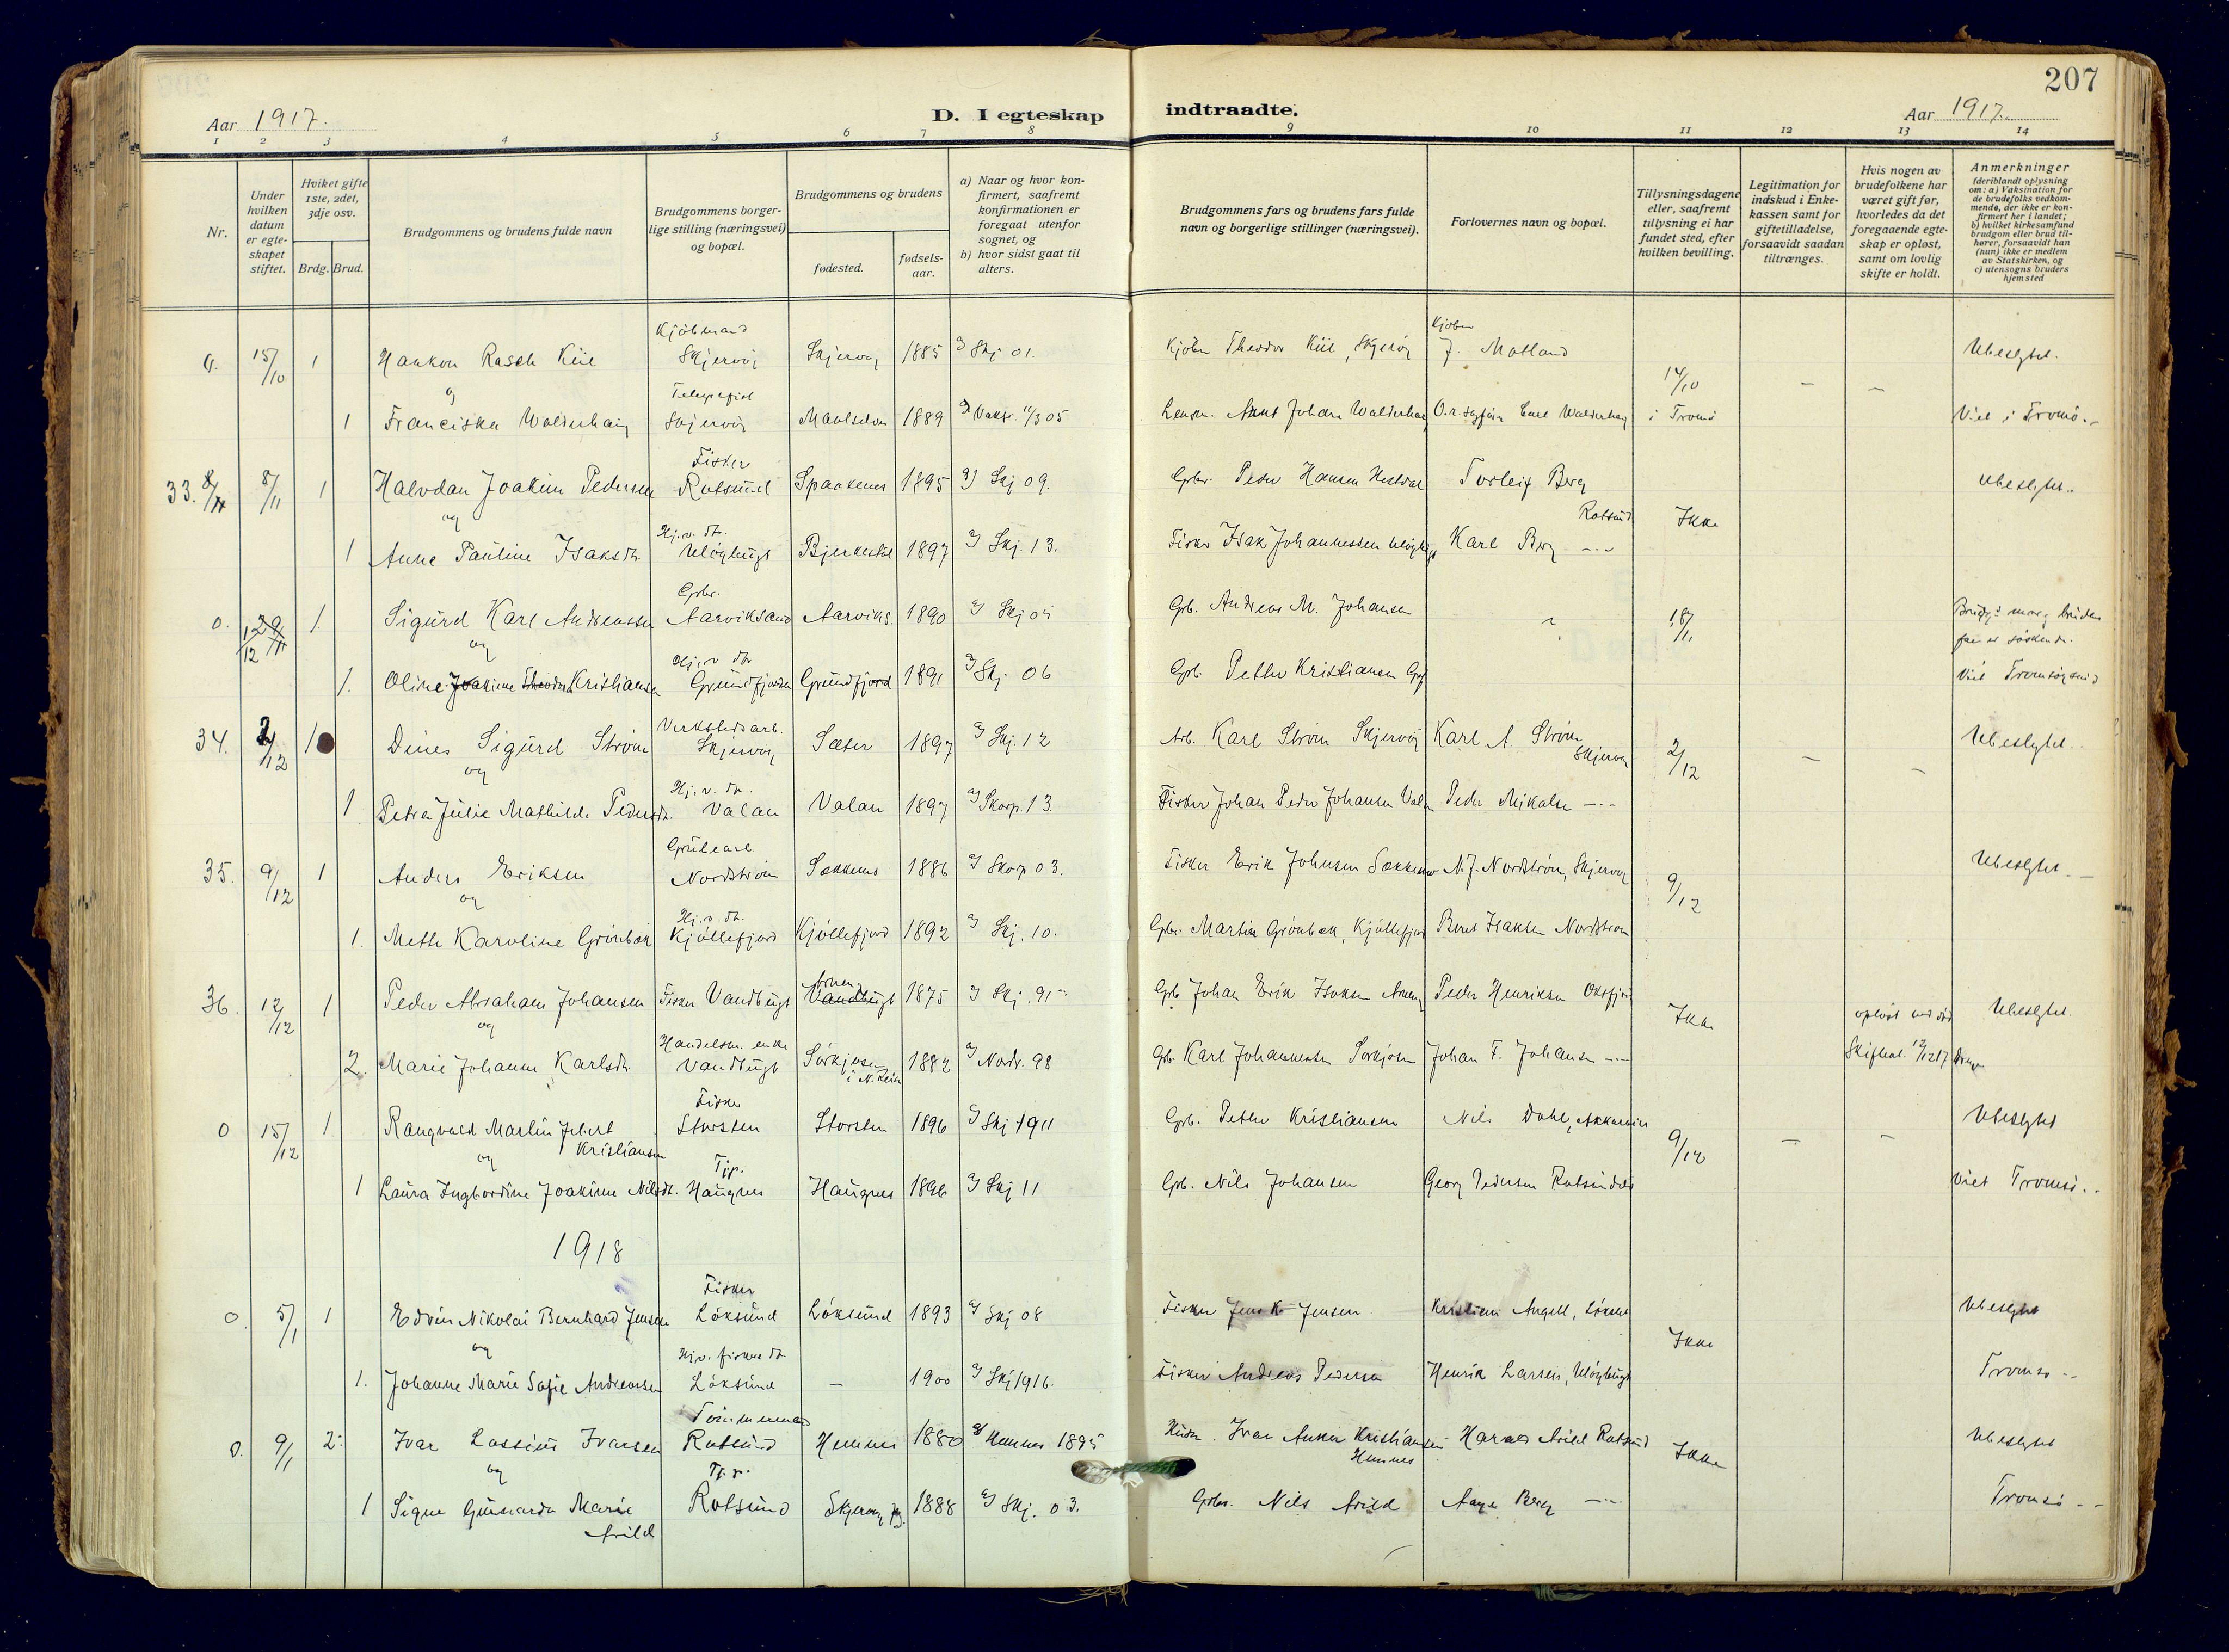 SATØ, Skjervøy sokneprestkontor, H/Ha/Haa: Ministerialbok nr. 18, 1910-1926, s. 207